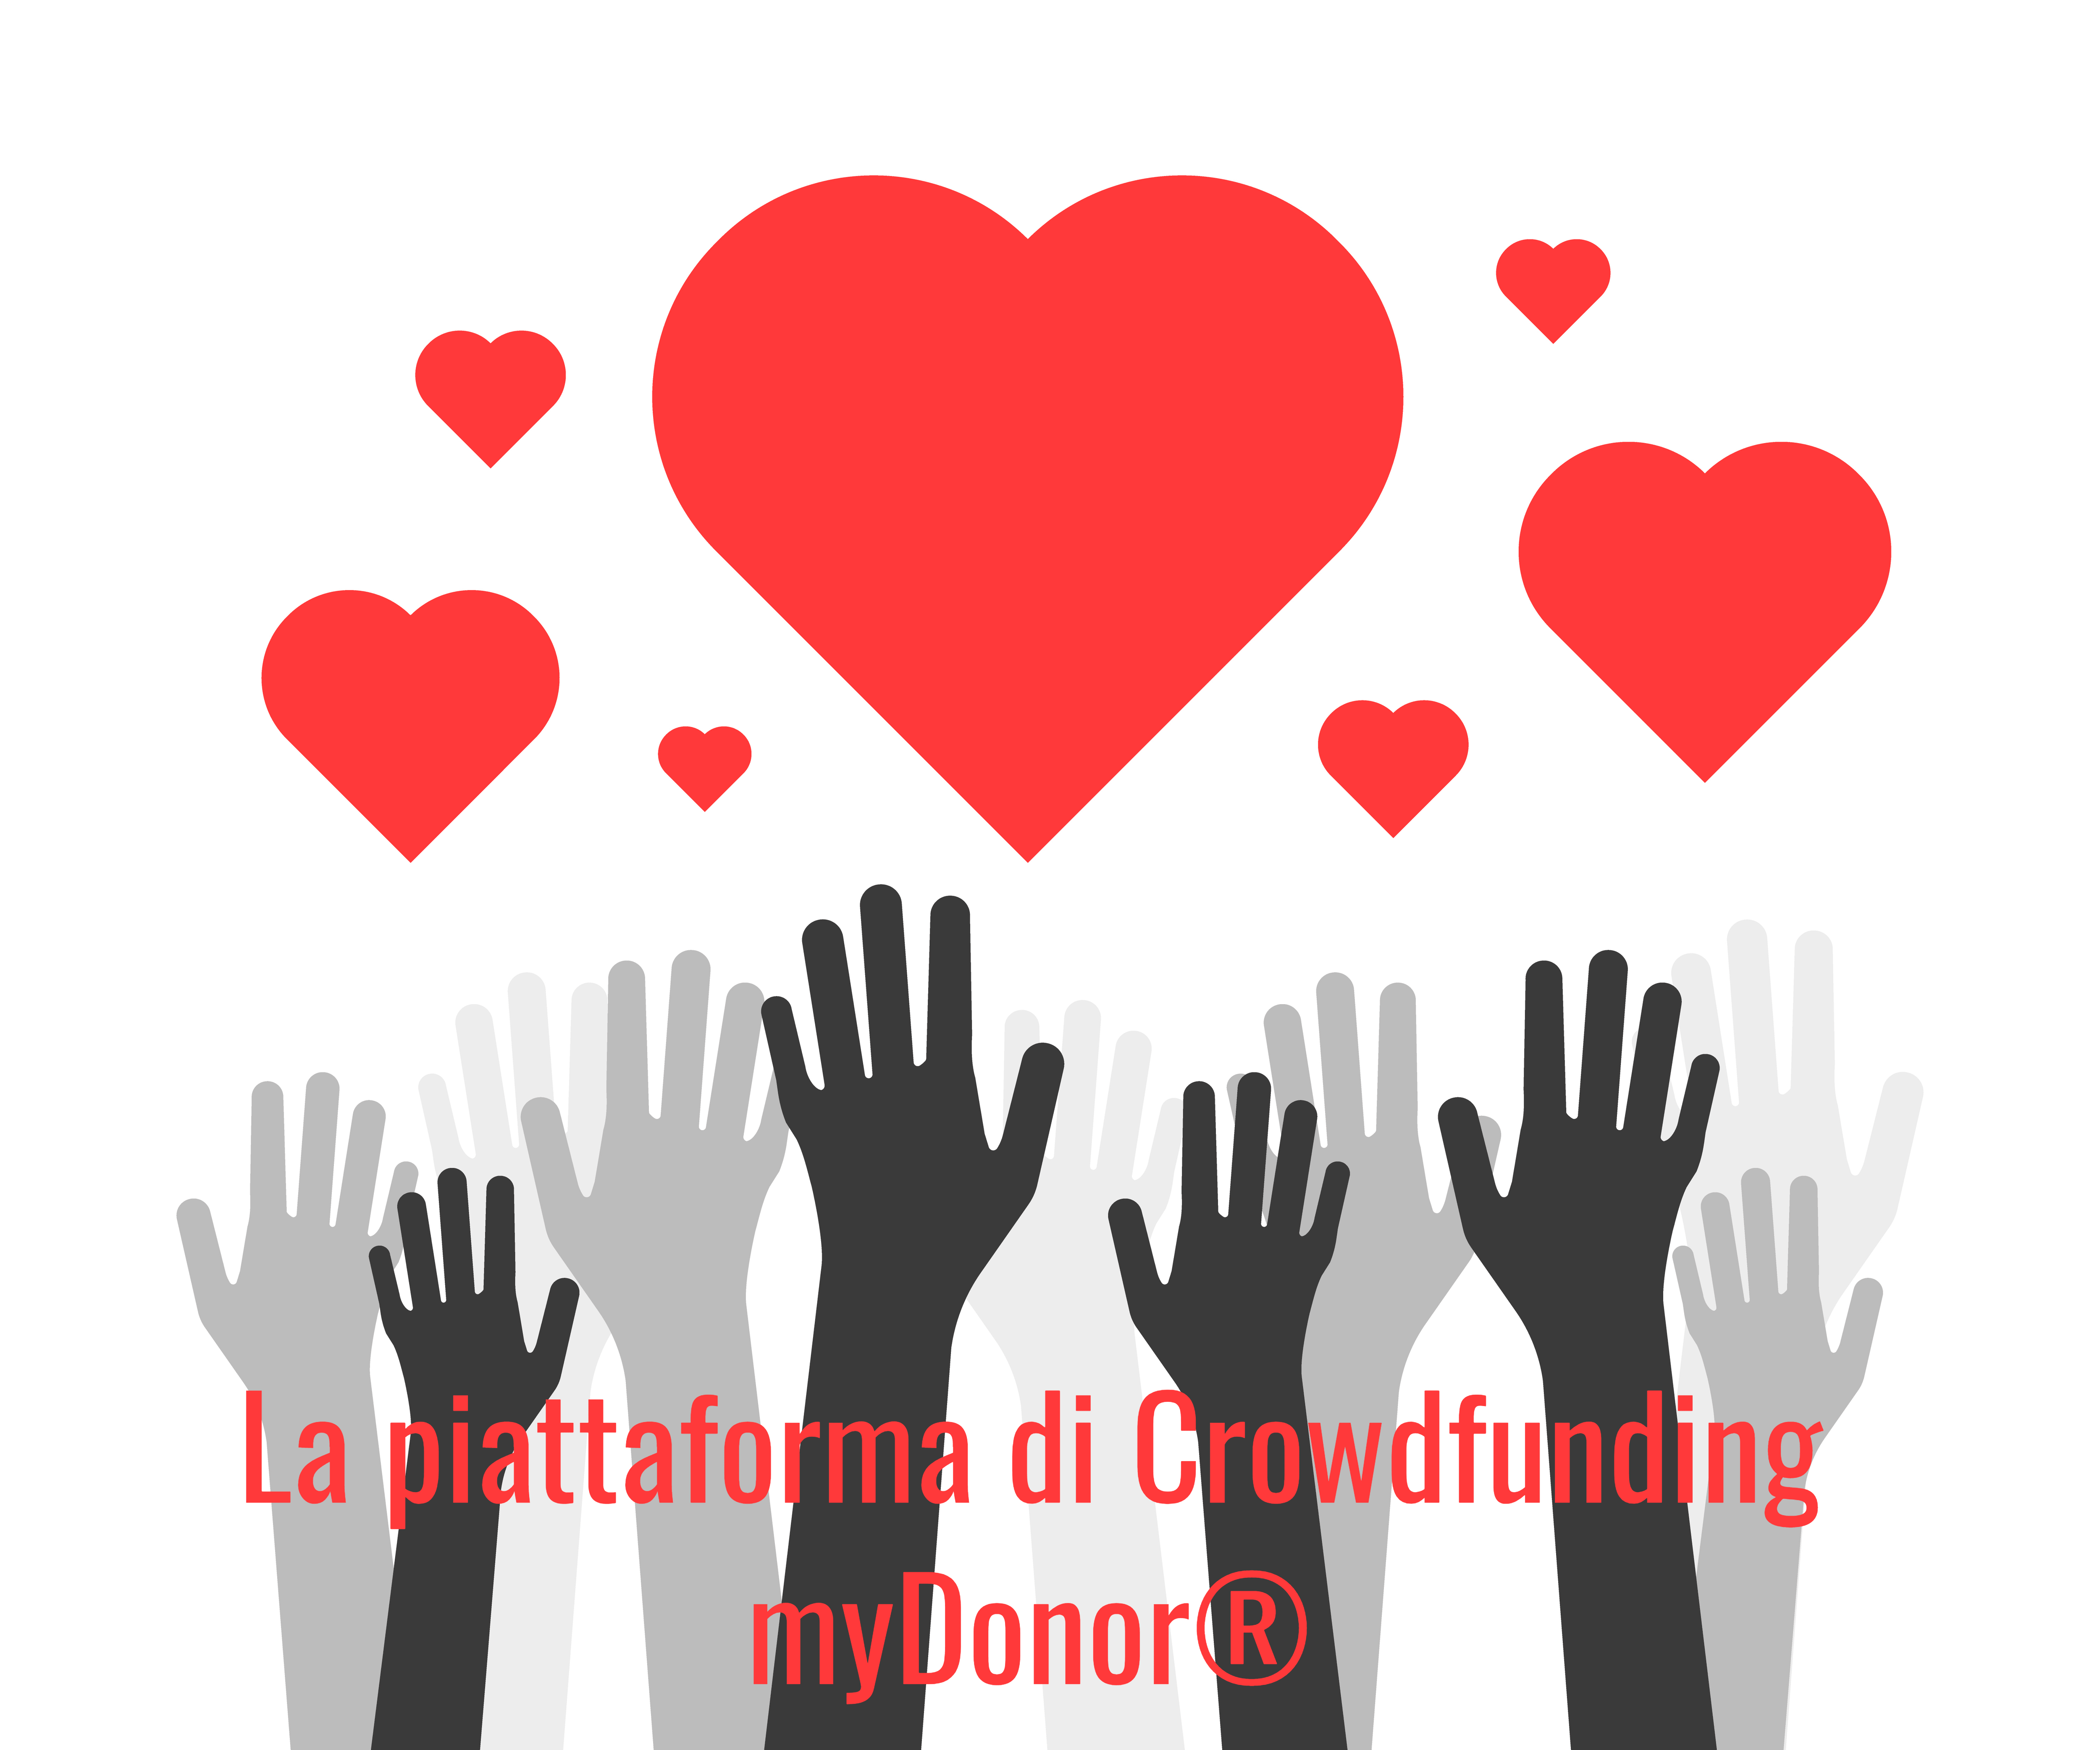 9 aprile 2021 La piattaforma di Crowdfunding myDonor®